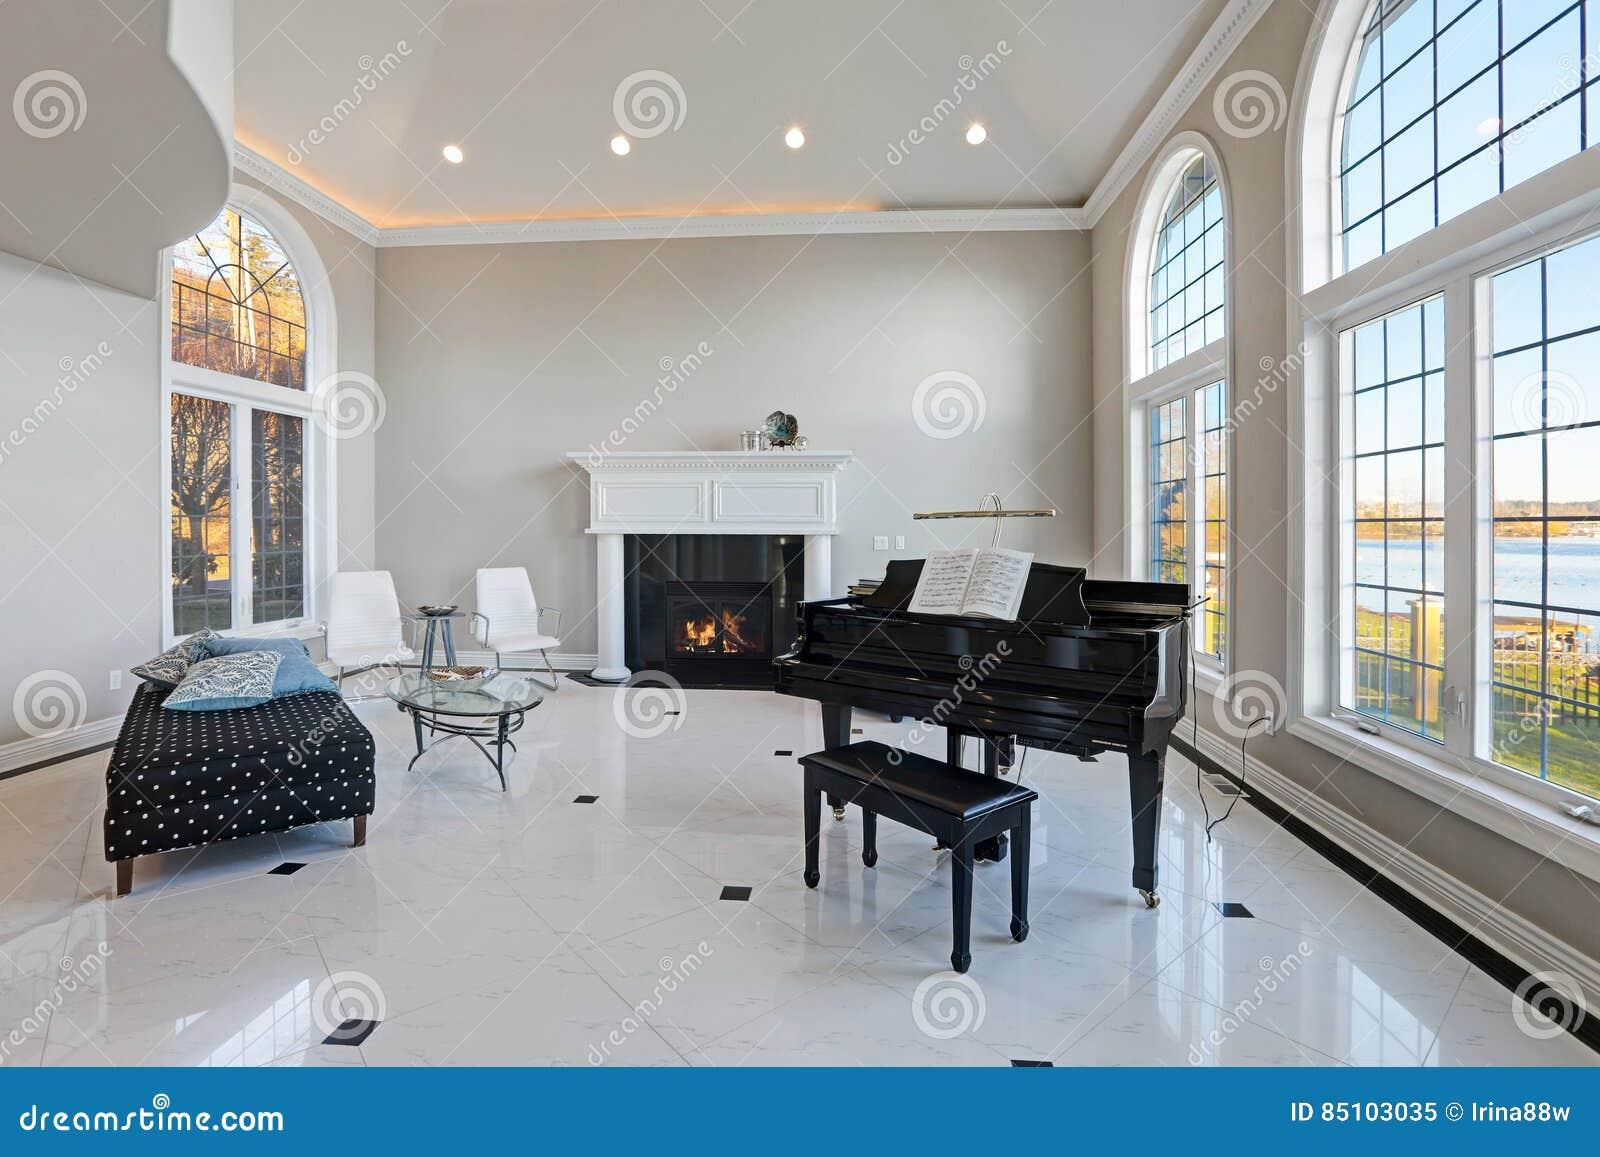 Marmer In Woonkamer : Woonkamer van het luxe de hoge plafond met marmeren vloer stock